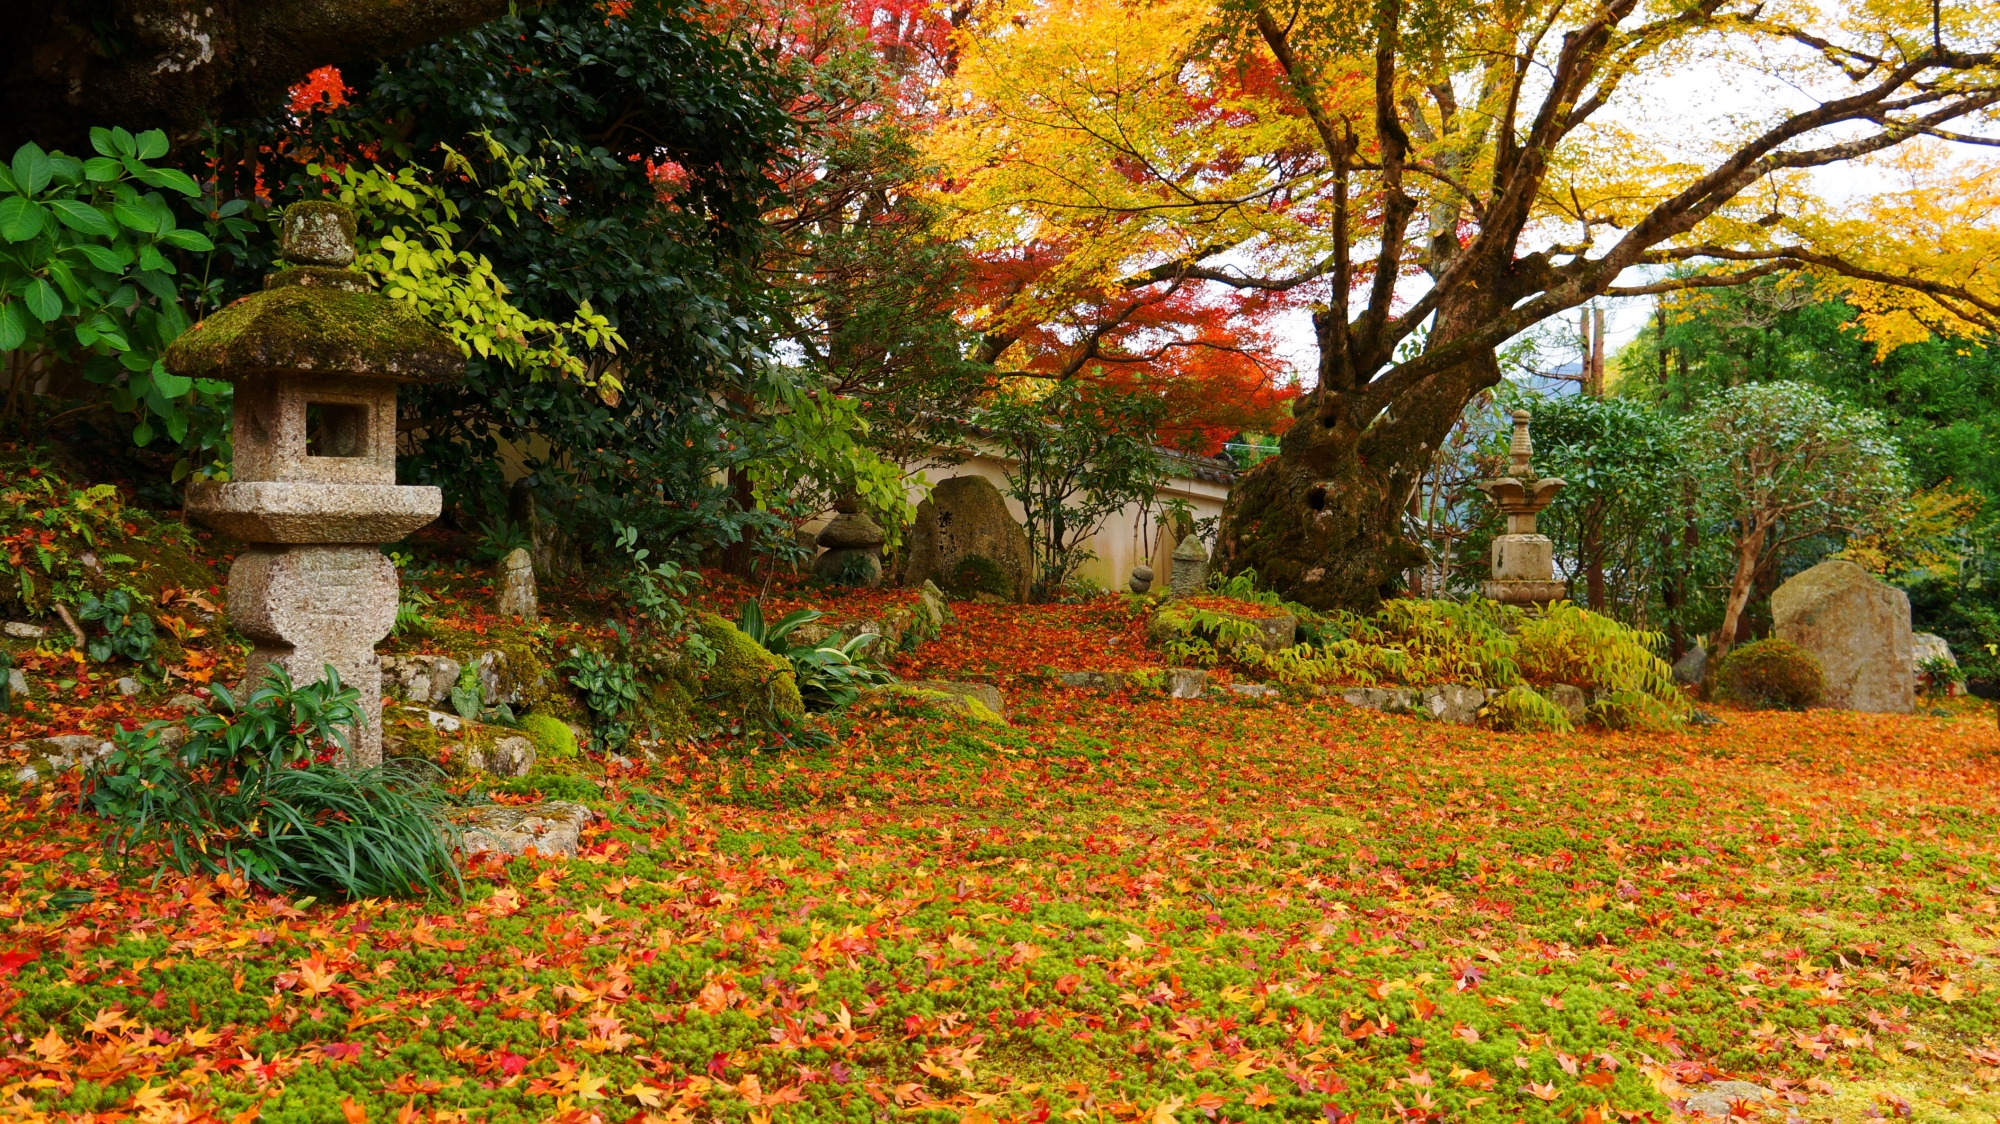 緑の苔の上の色鮮やかな美しい散り紅葉